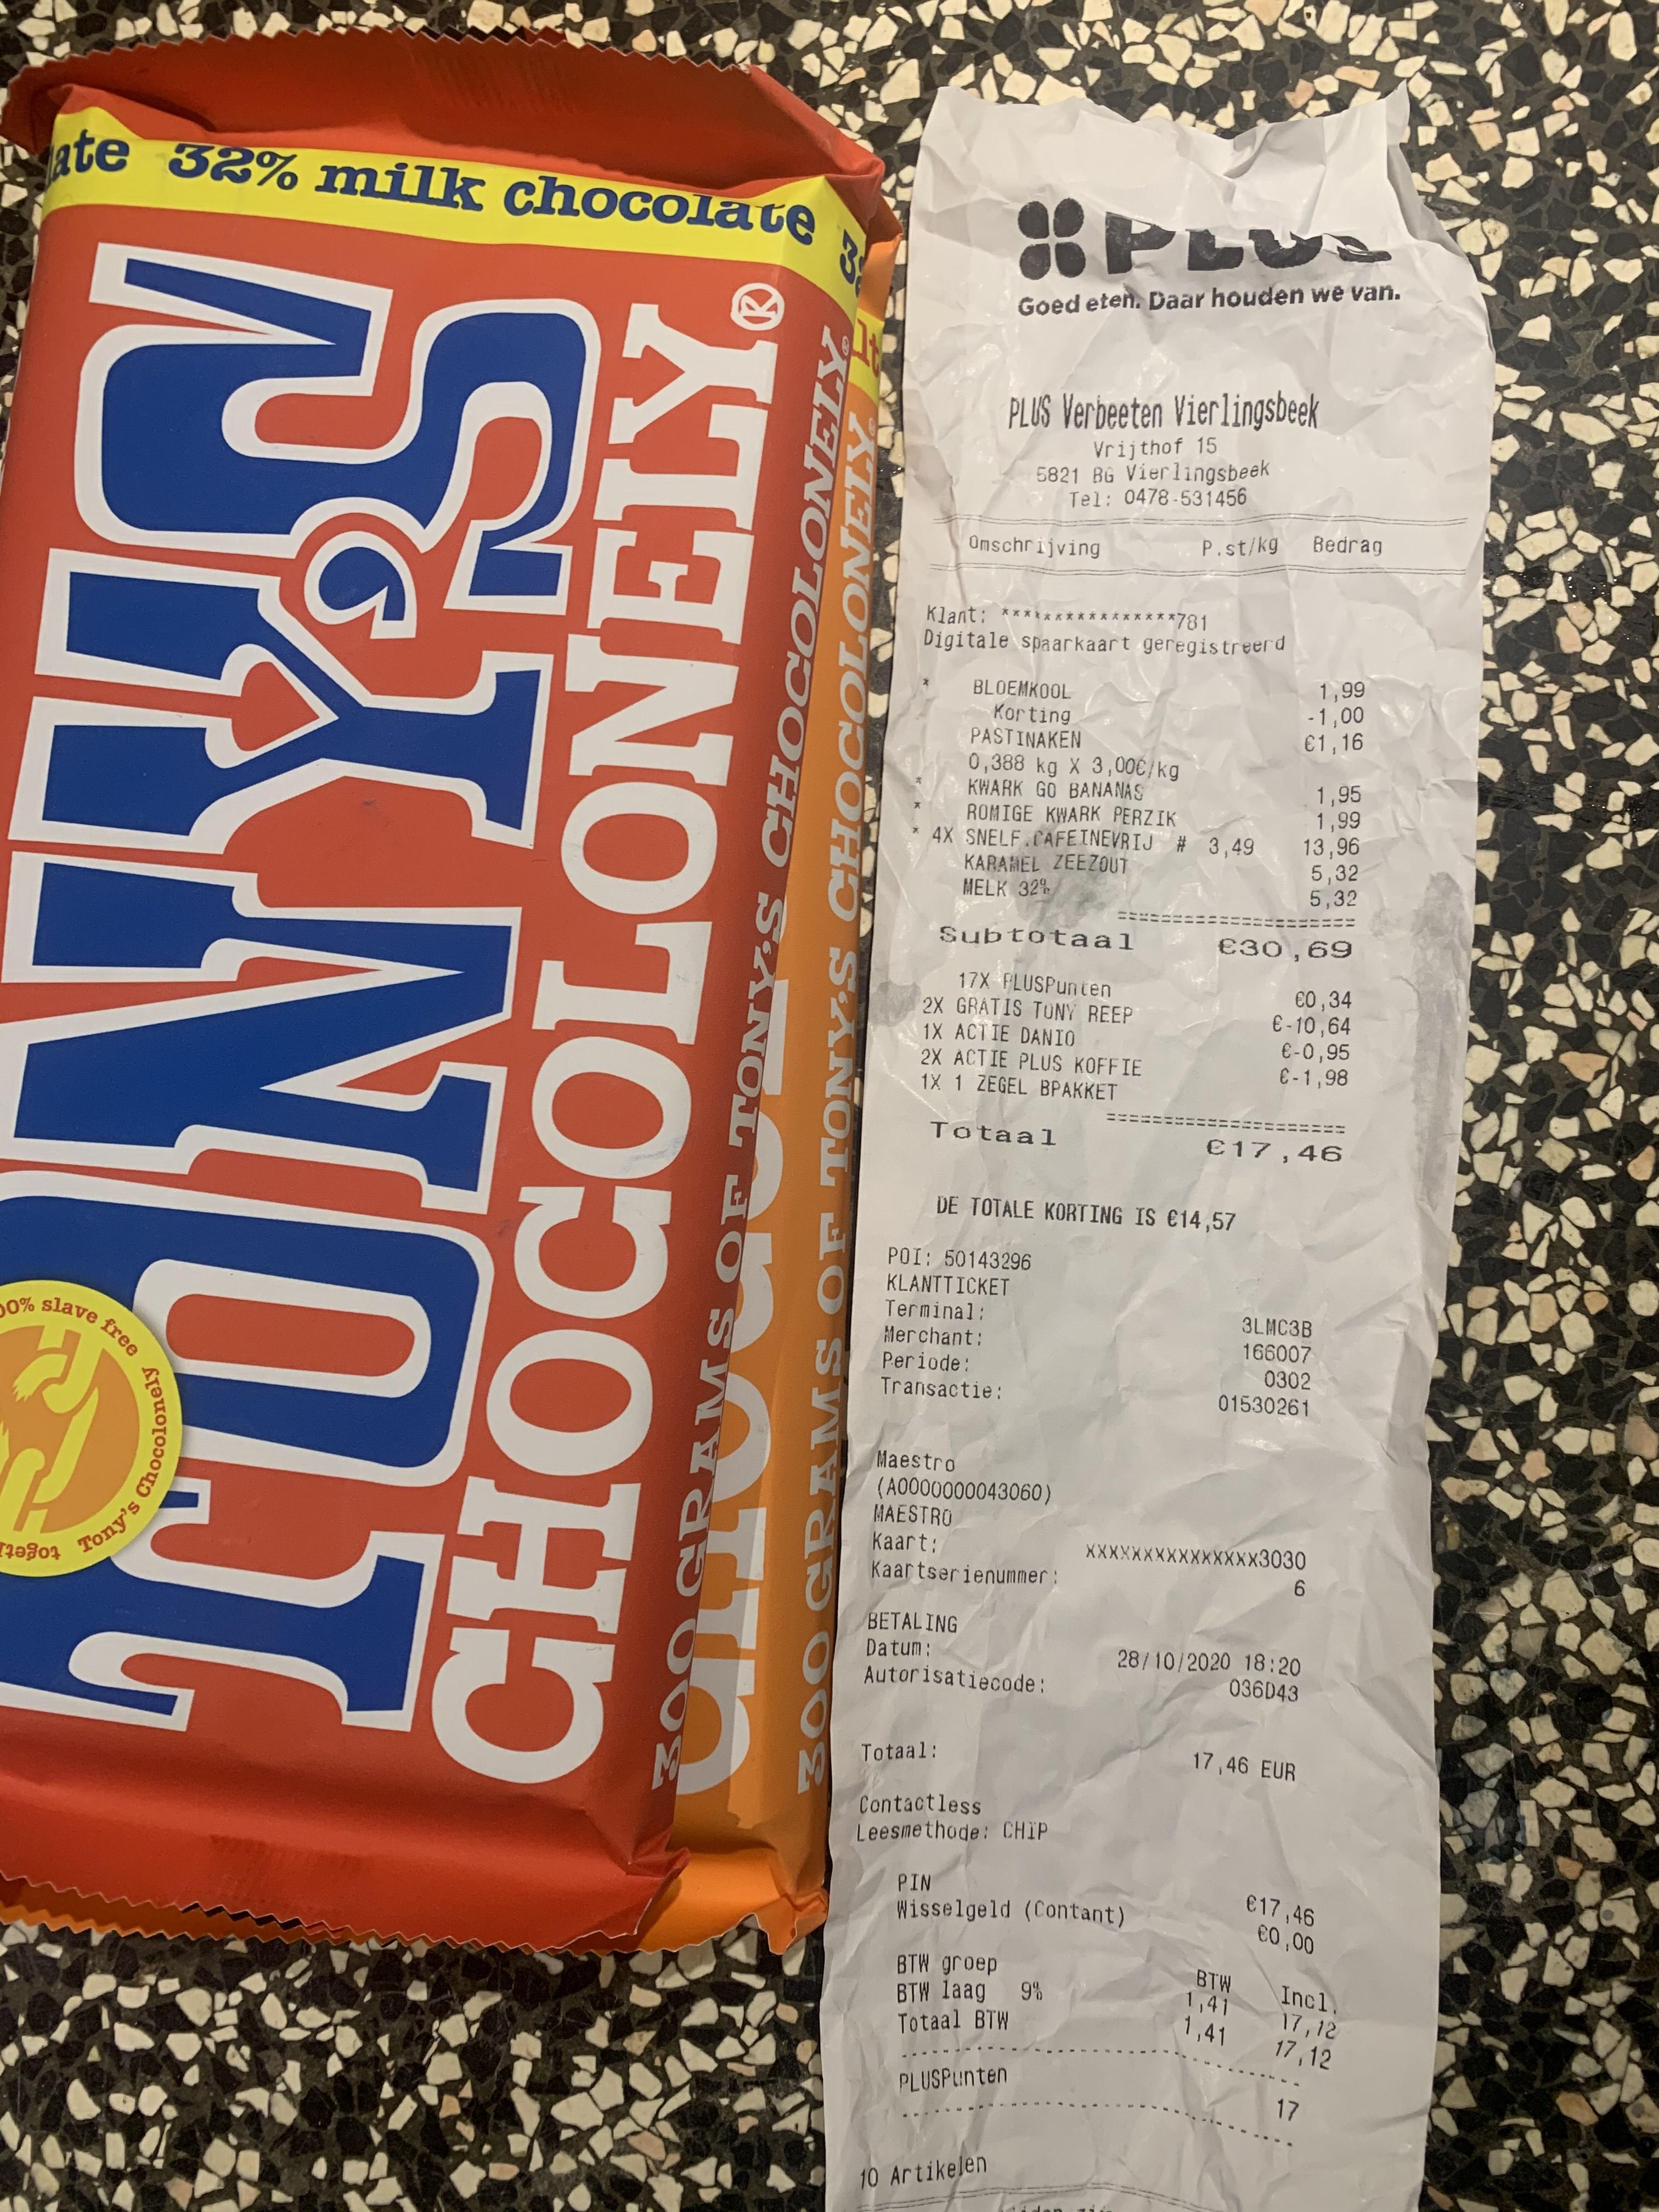 Gratis grote reep tony chocolonely bij 2 huismerk plus koffie pakken